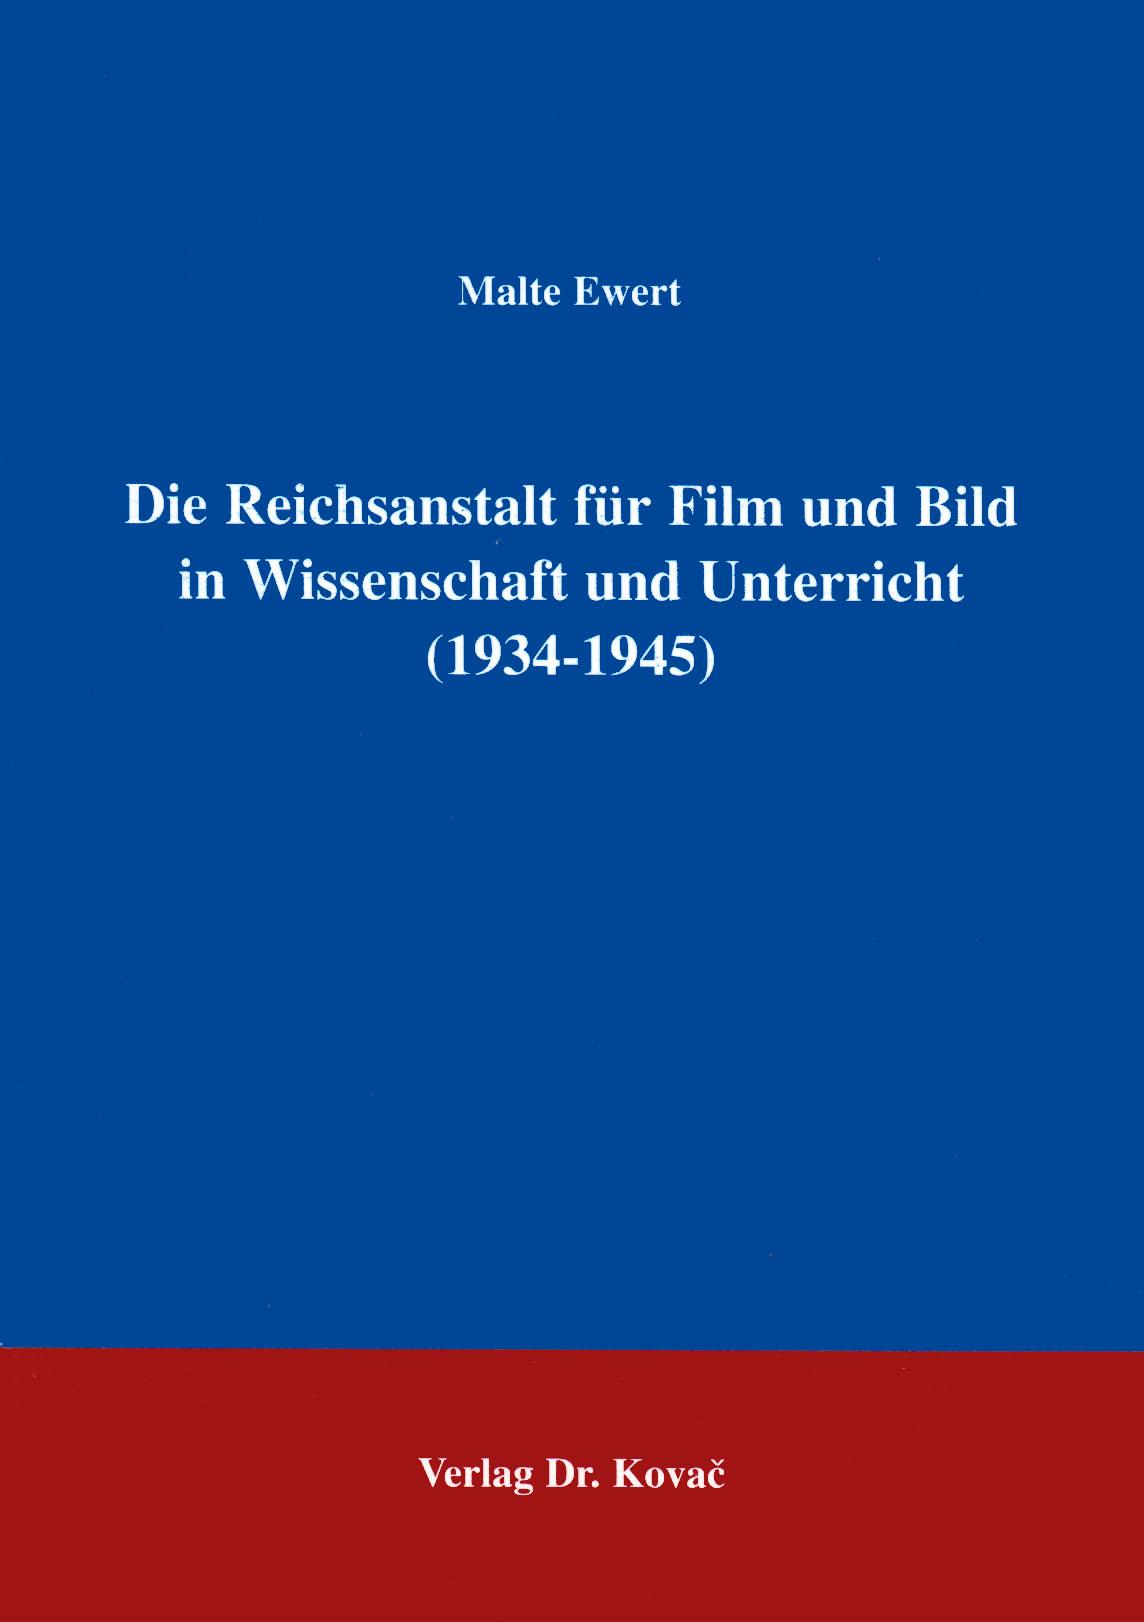 Cover: Die Reichsanstalt für Film und Bild in Wissenschaft und Unterricht (1934 - 1945)